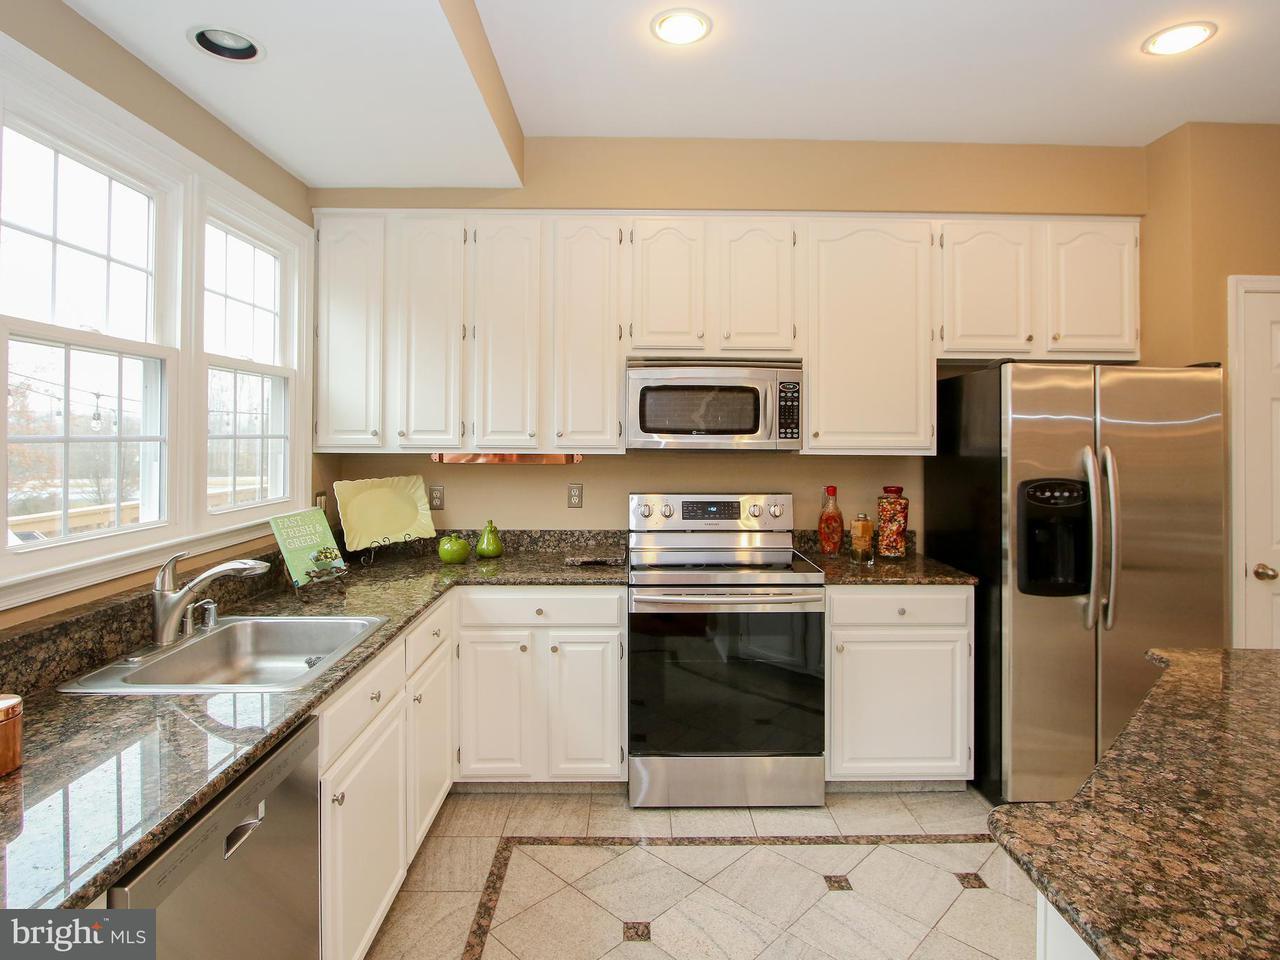 獨棟家庭住宅 為 出售 在 20329 Brentmeade Ter 20329 Brentmeade Ter Potomac Falls, 弗吉尼亞州 20165 美國